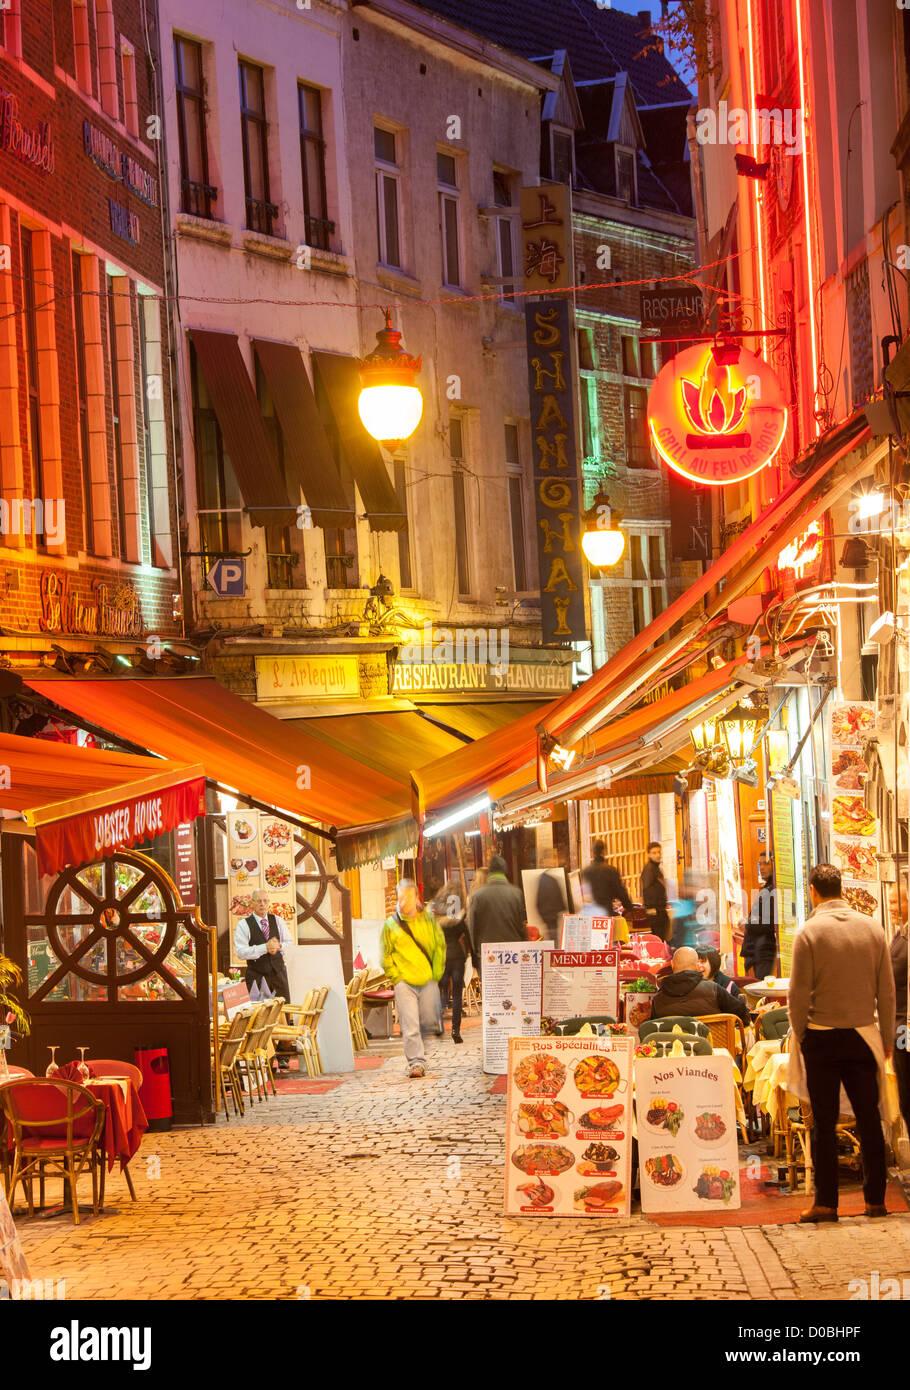 Brüssel Rue des Bouchers Touristenrestaurants. Kellner warten nur wenige Kunden. Beheizte freien Bereichsmenüs Stockbild